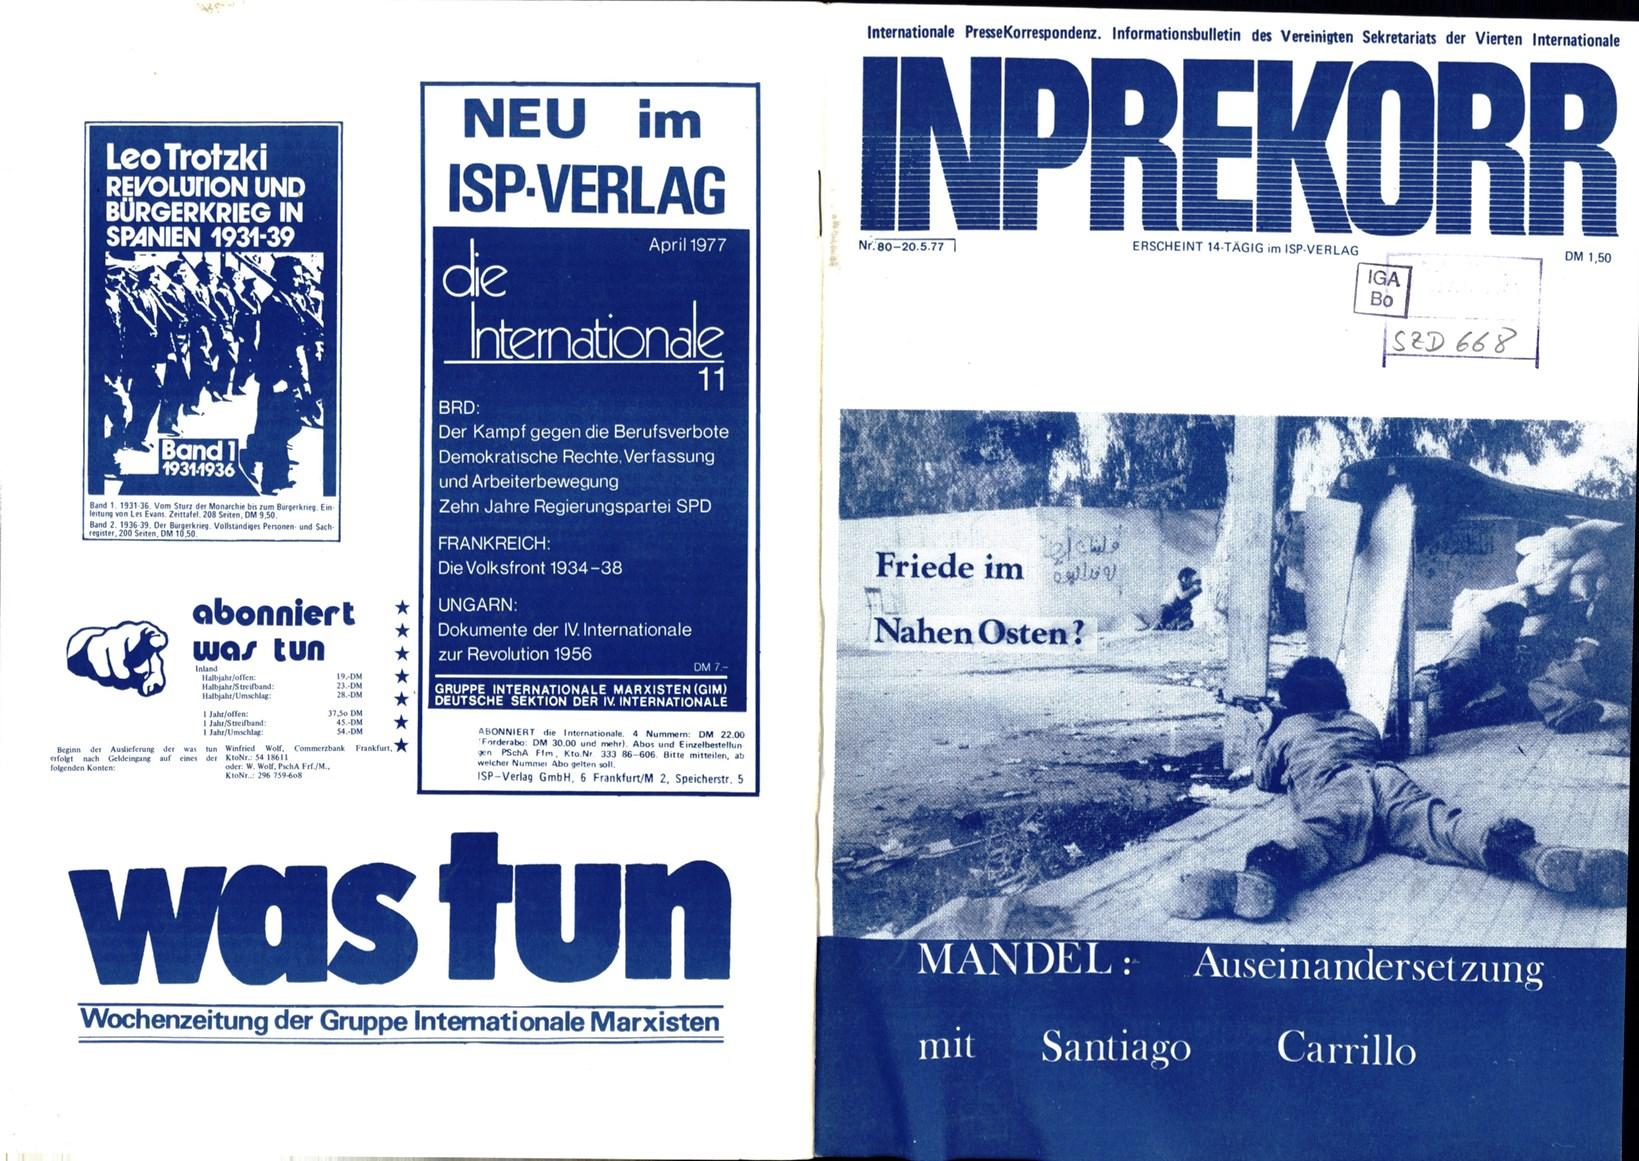 Inprekorr_19770520_080_001